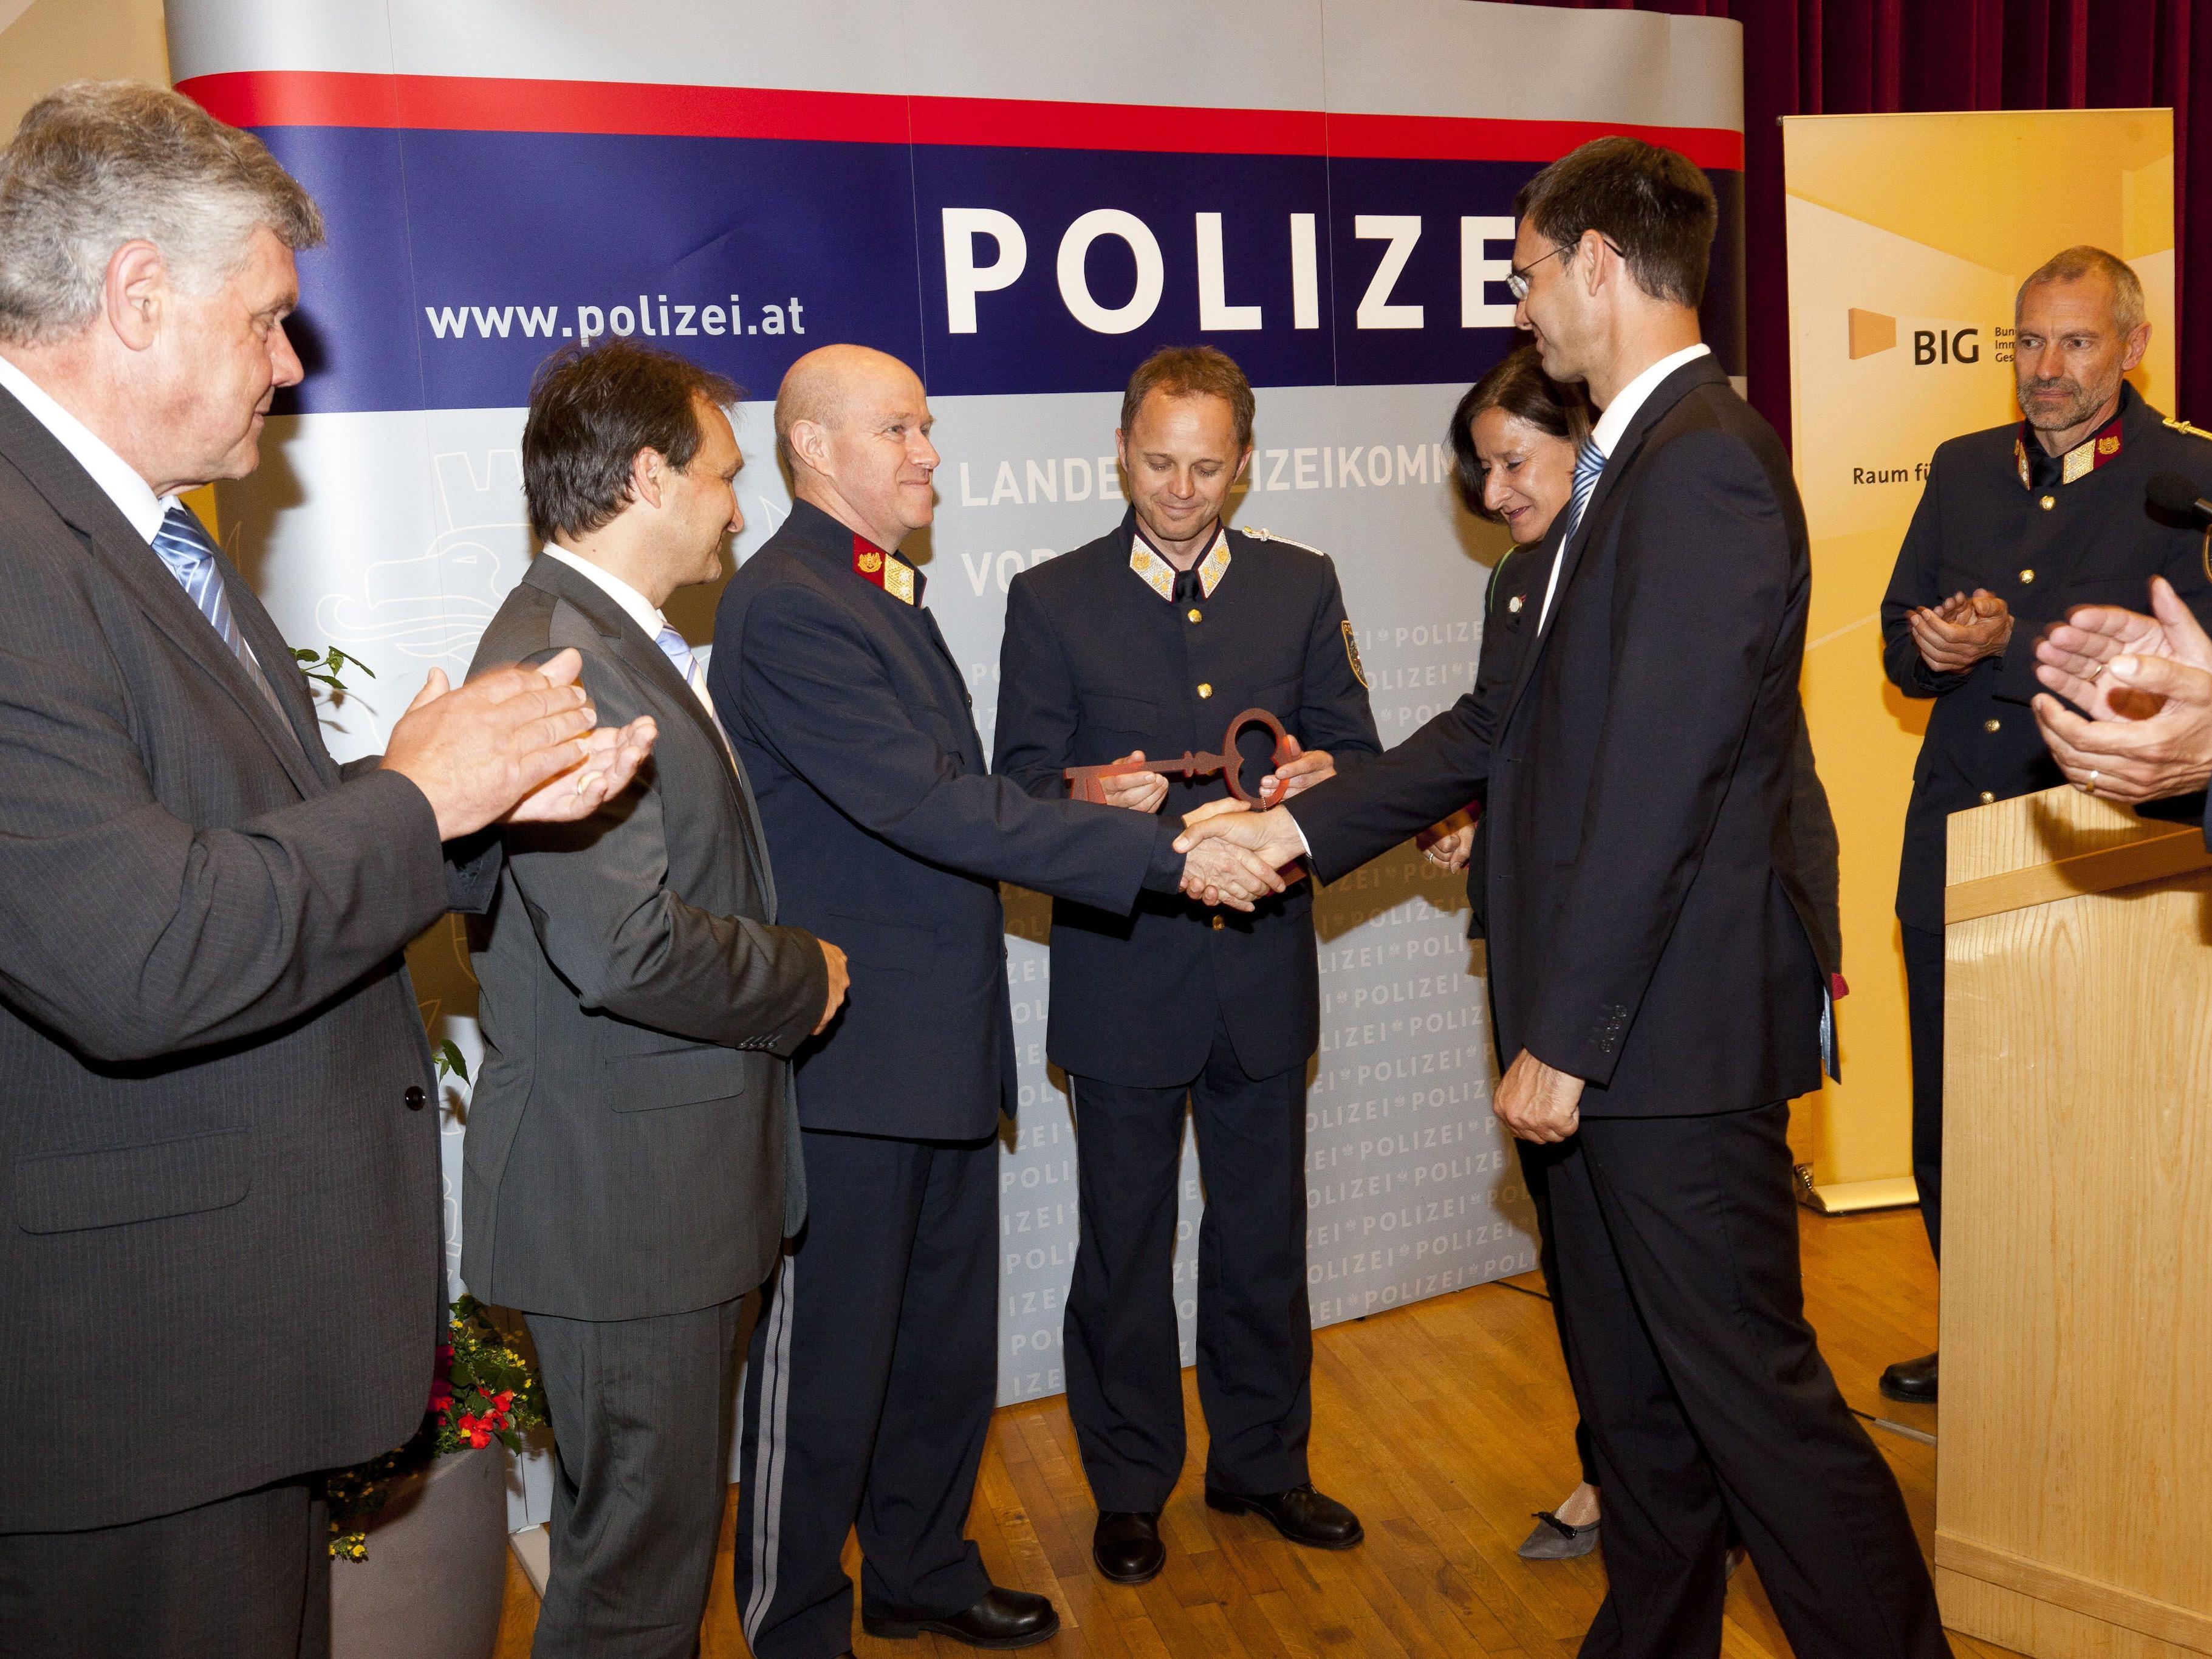 Generalsanierter Polizeistützpunkt in Bludenz feierlich eröffnet.